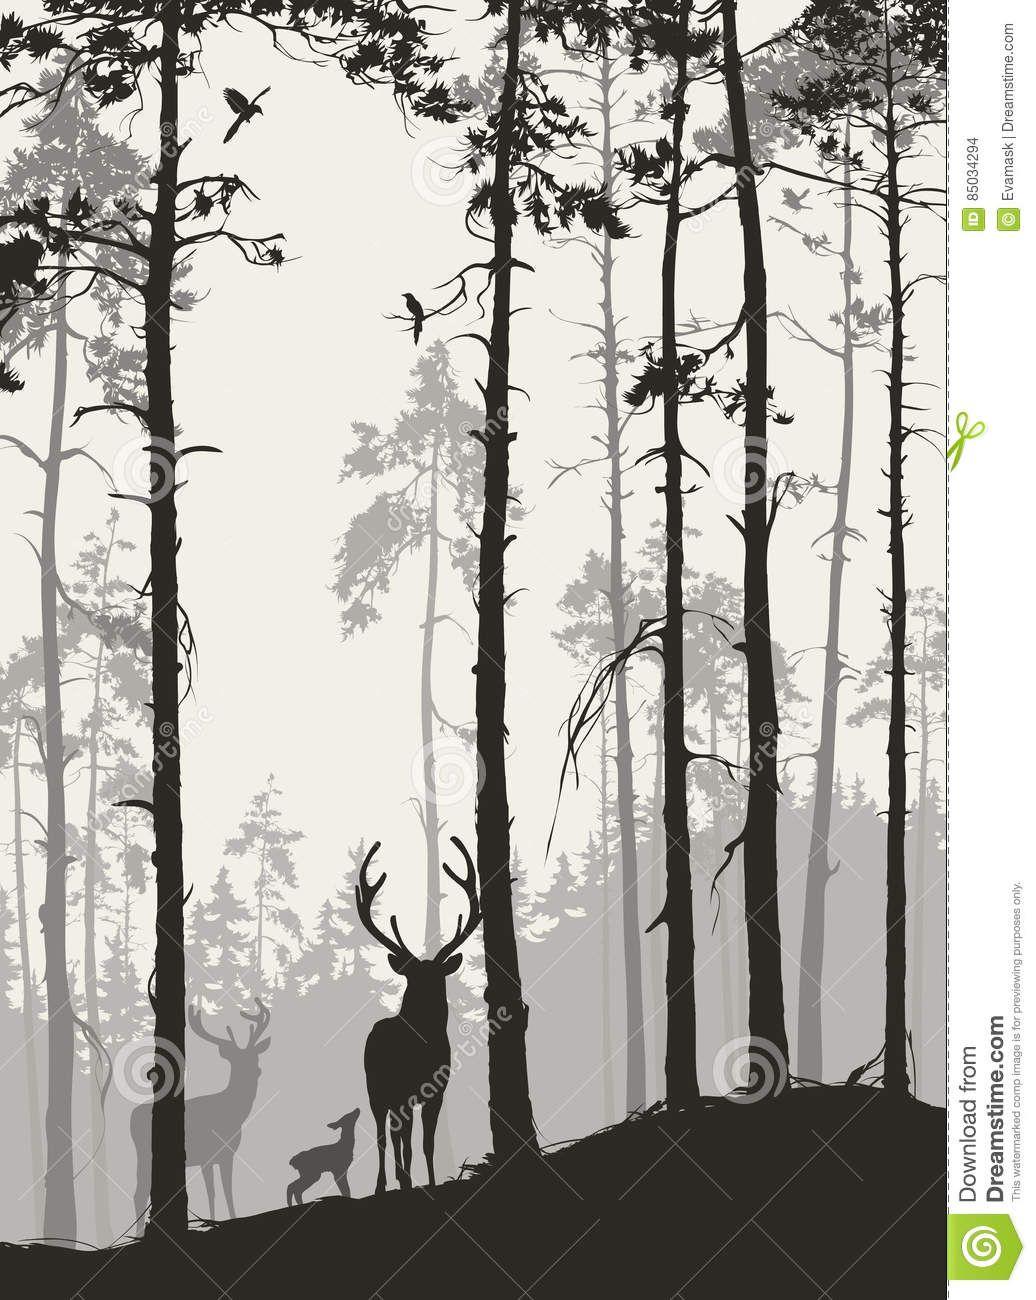 Abetaia Di D Con Una Famiglia Dei Cervi E Degli Uccelli Illustrazione Vettoriale Immagine 85 Wallpaper Con Foreste Tatuaggi A Tema Foresta Profilo Di Cervo